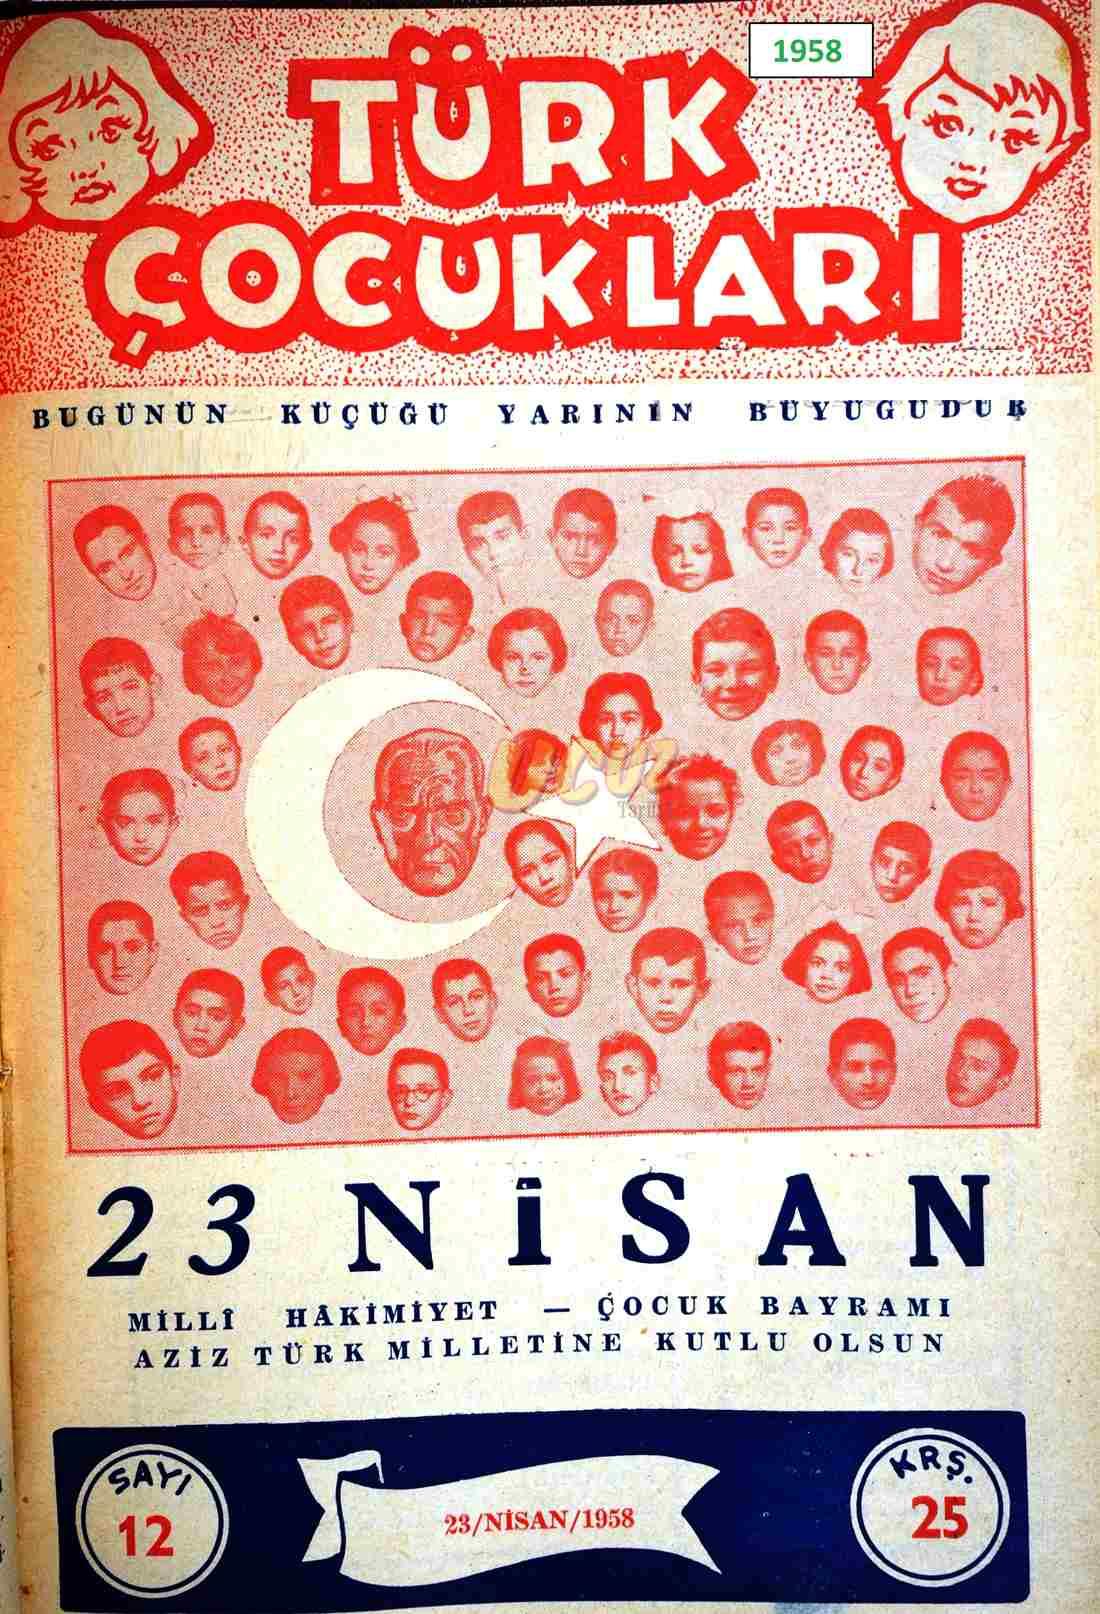 1958 türk çocukları 1